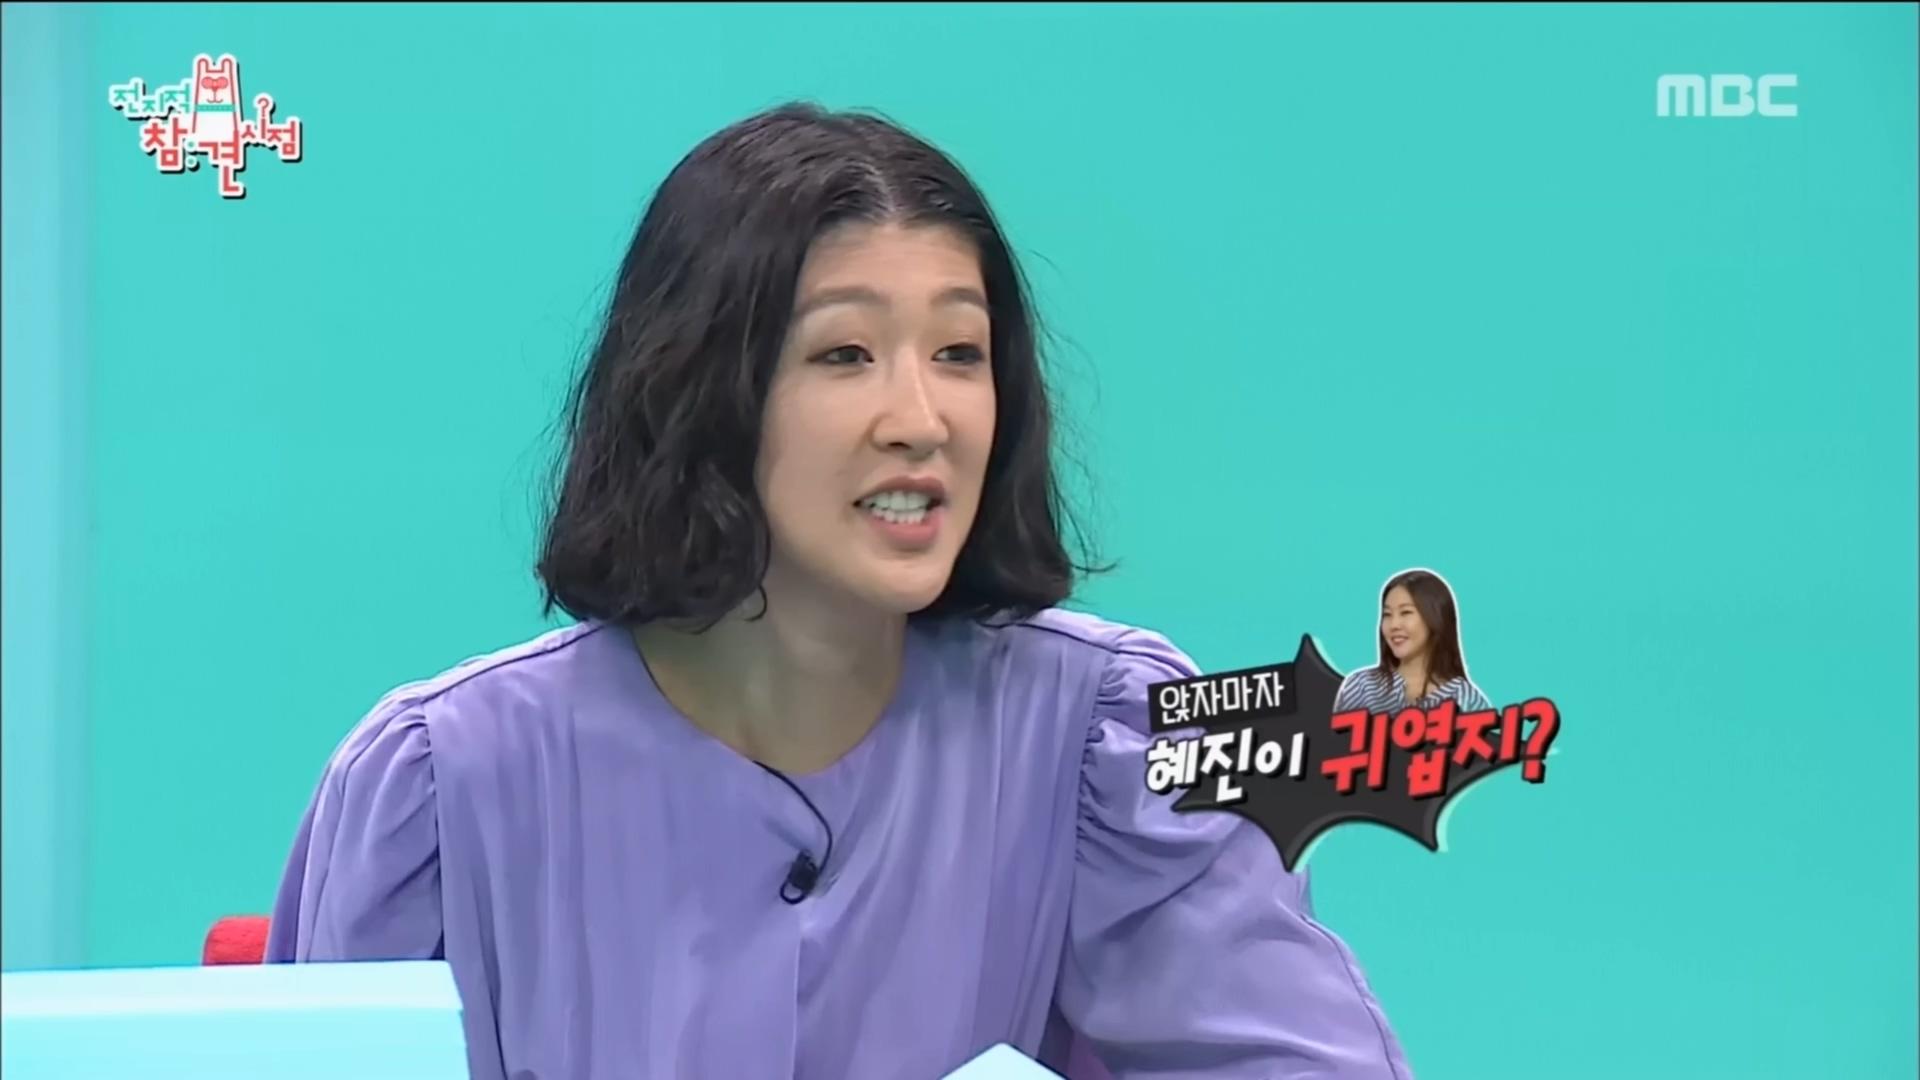 웰컴 홍진경! 한혜진과의 일화에 현무는 귀 쫑긋 (ft.아니여)